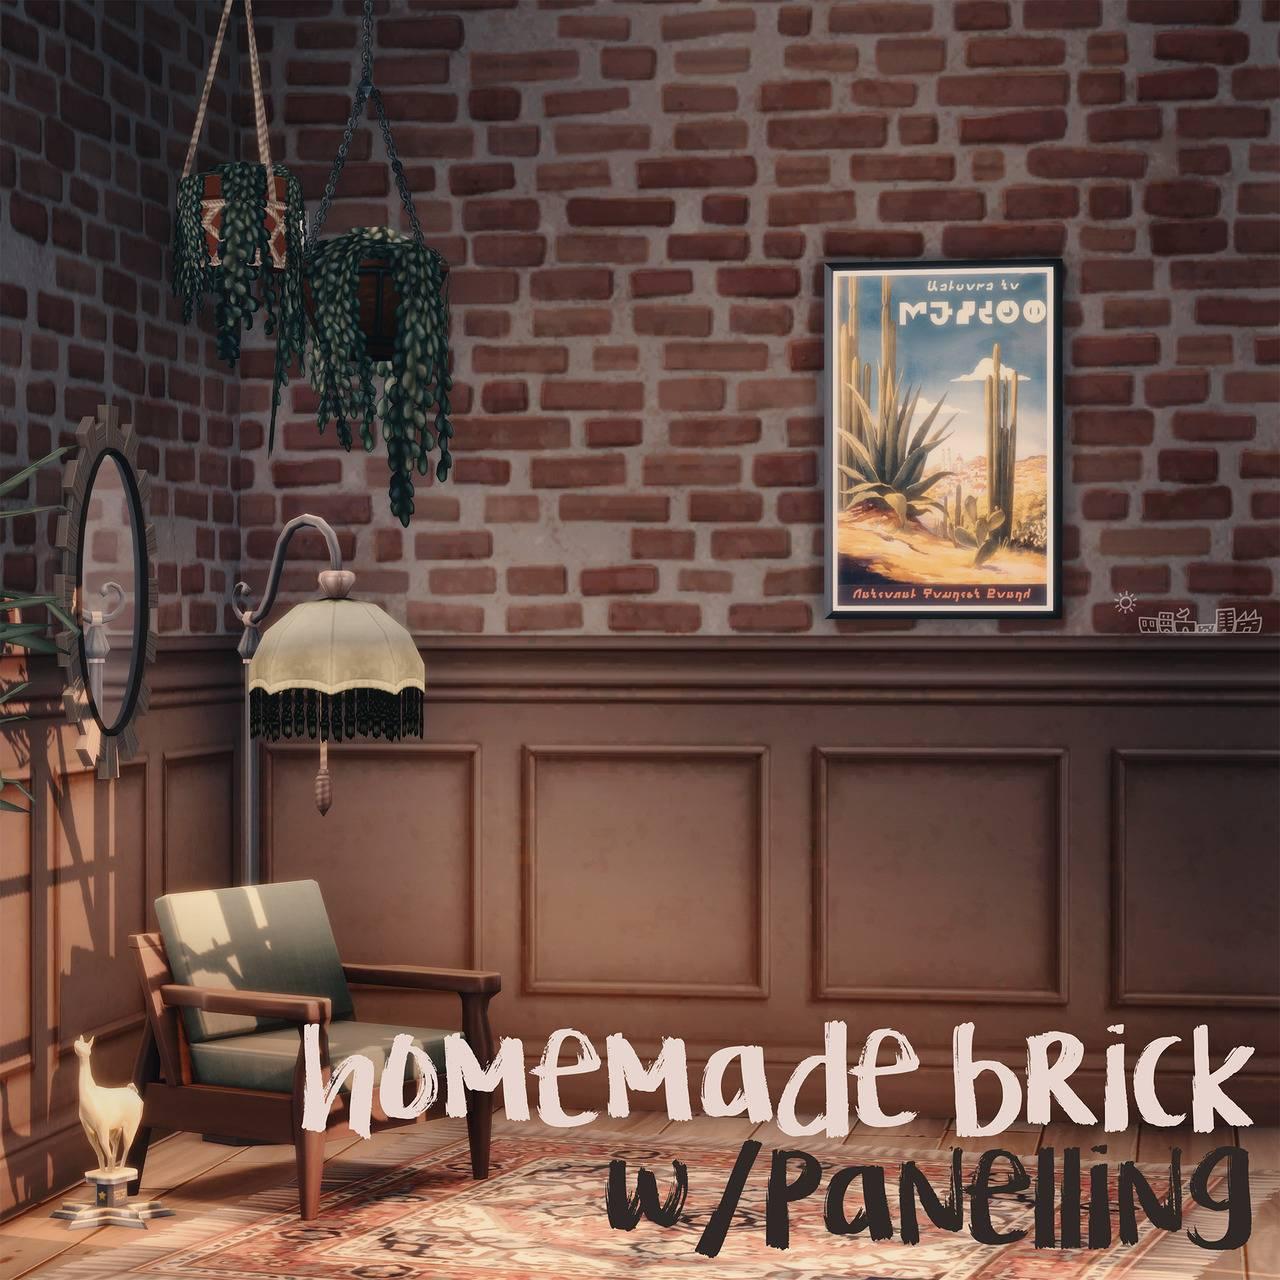 Комбинированное настенное покрытие - HOMEMADE BRICK WITH PANELLING